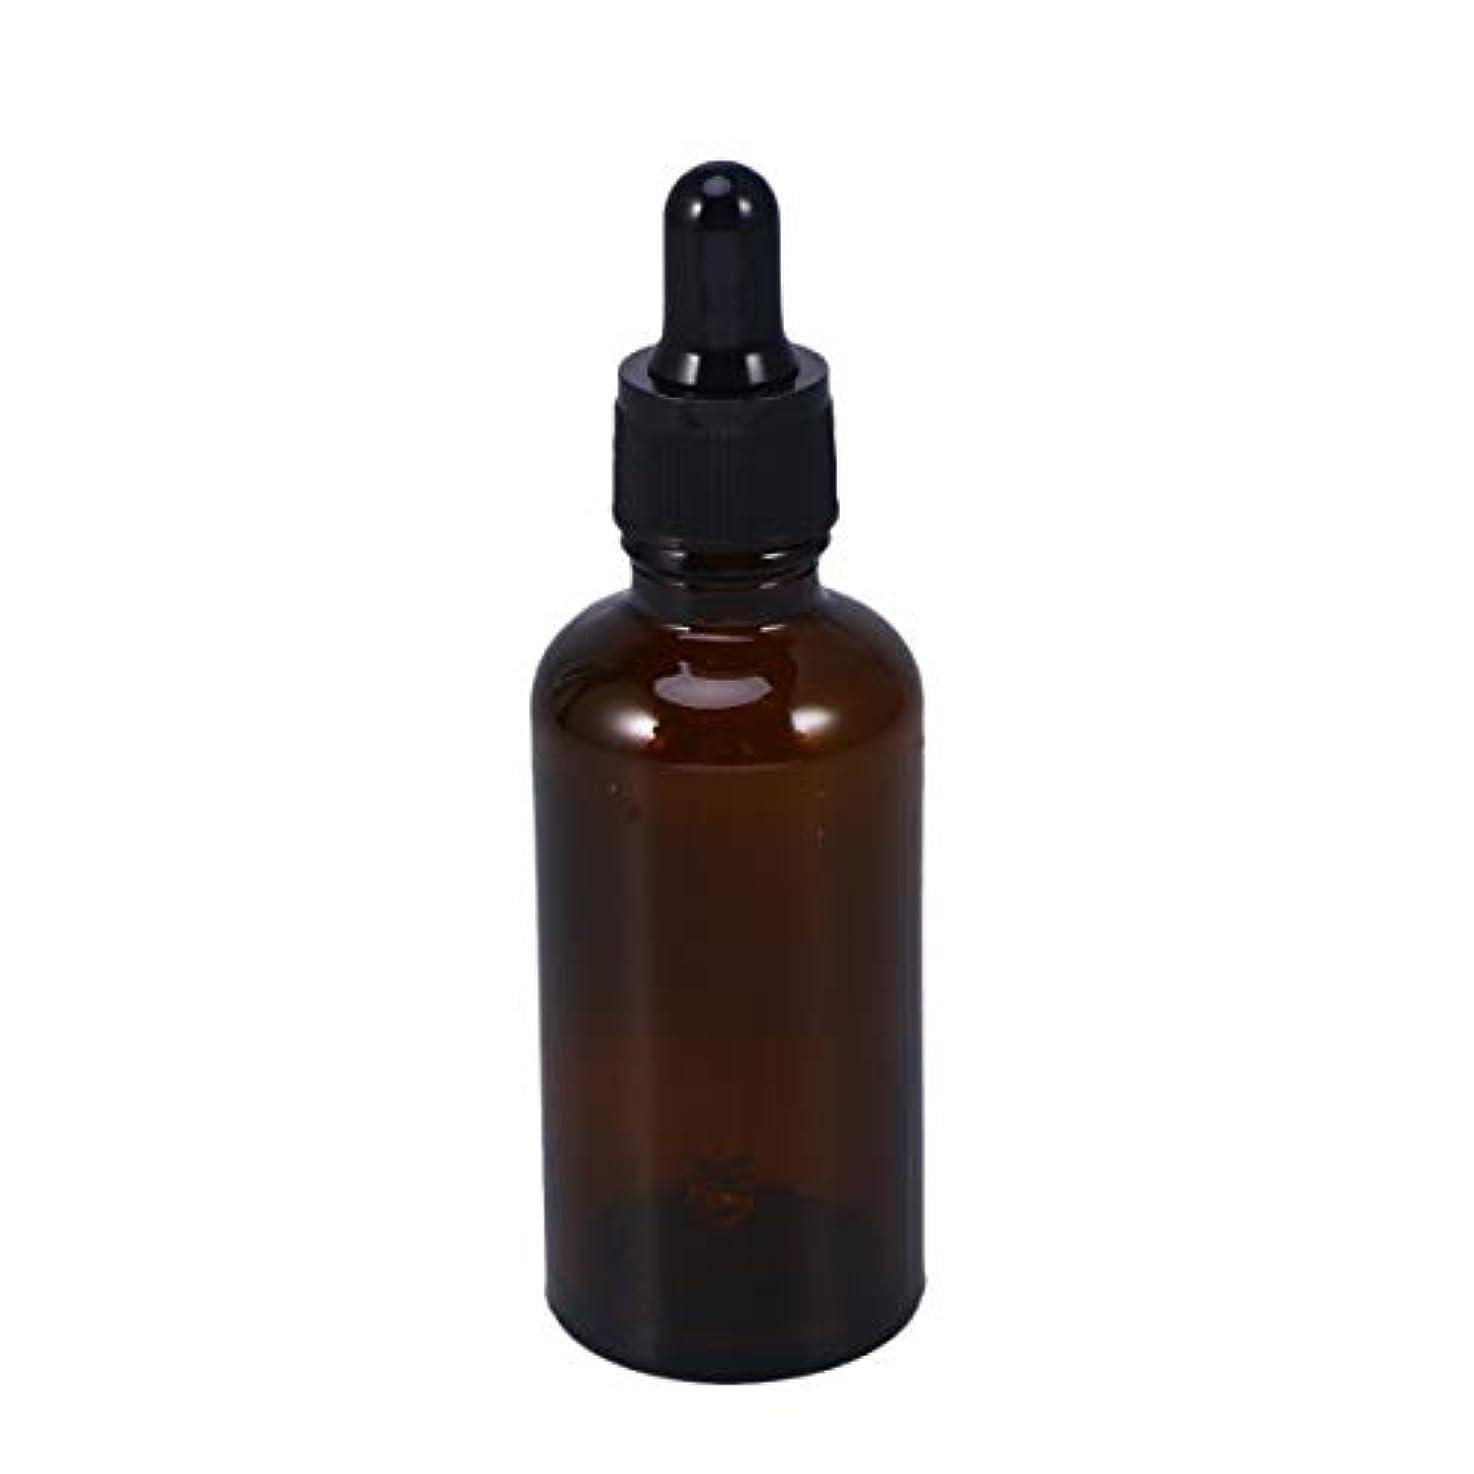 パシフィックメモにぎやかFrcolor 遮光瓶 スポイト遮光瓶 50ml スポイト付き アロマボトル エッセンシャルオイル 香水 保存容器 ガラス製 茶色 5本セット